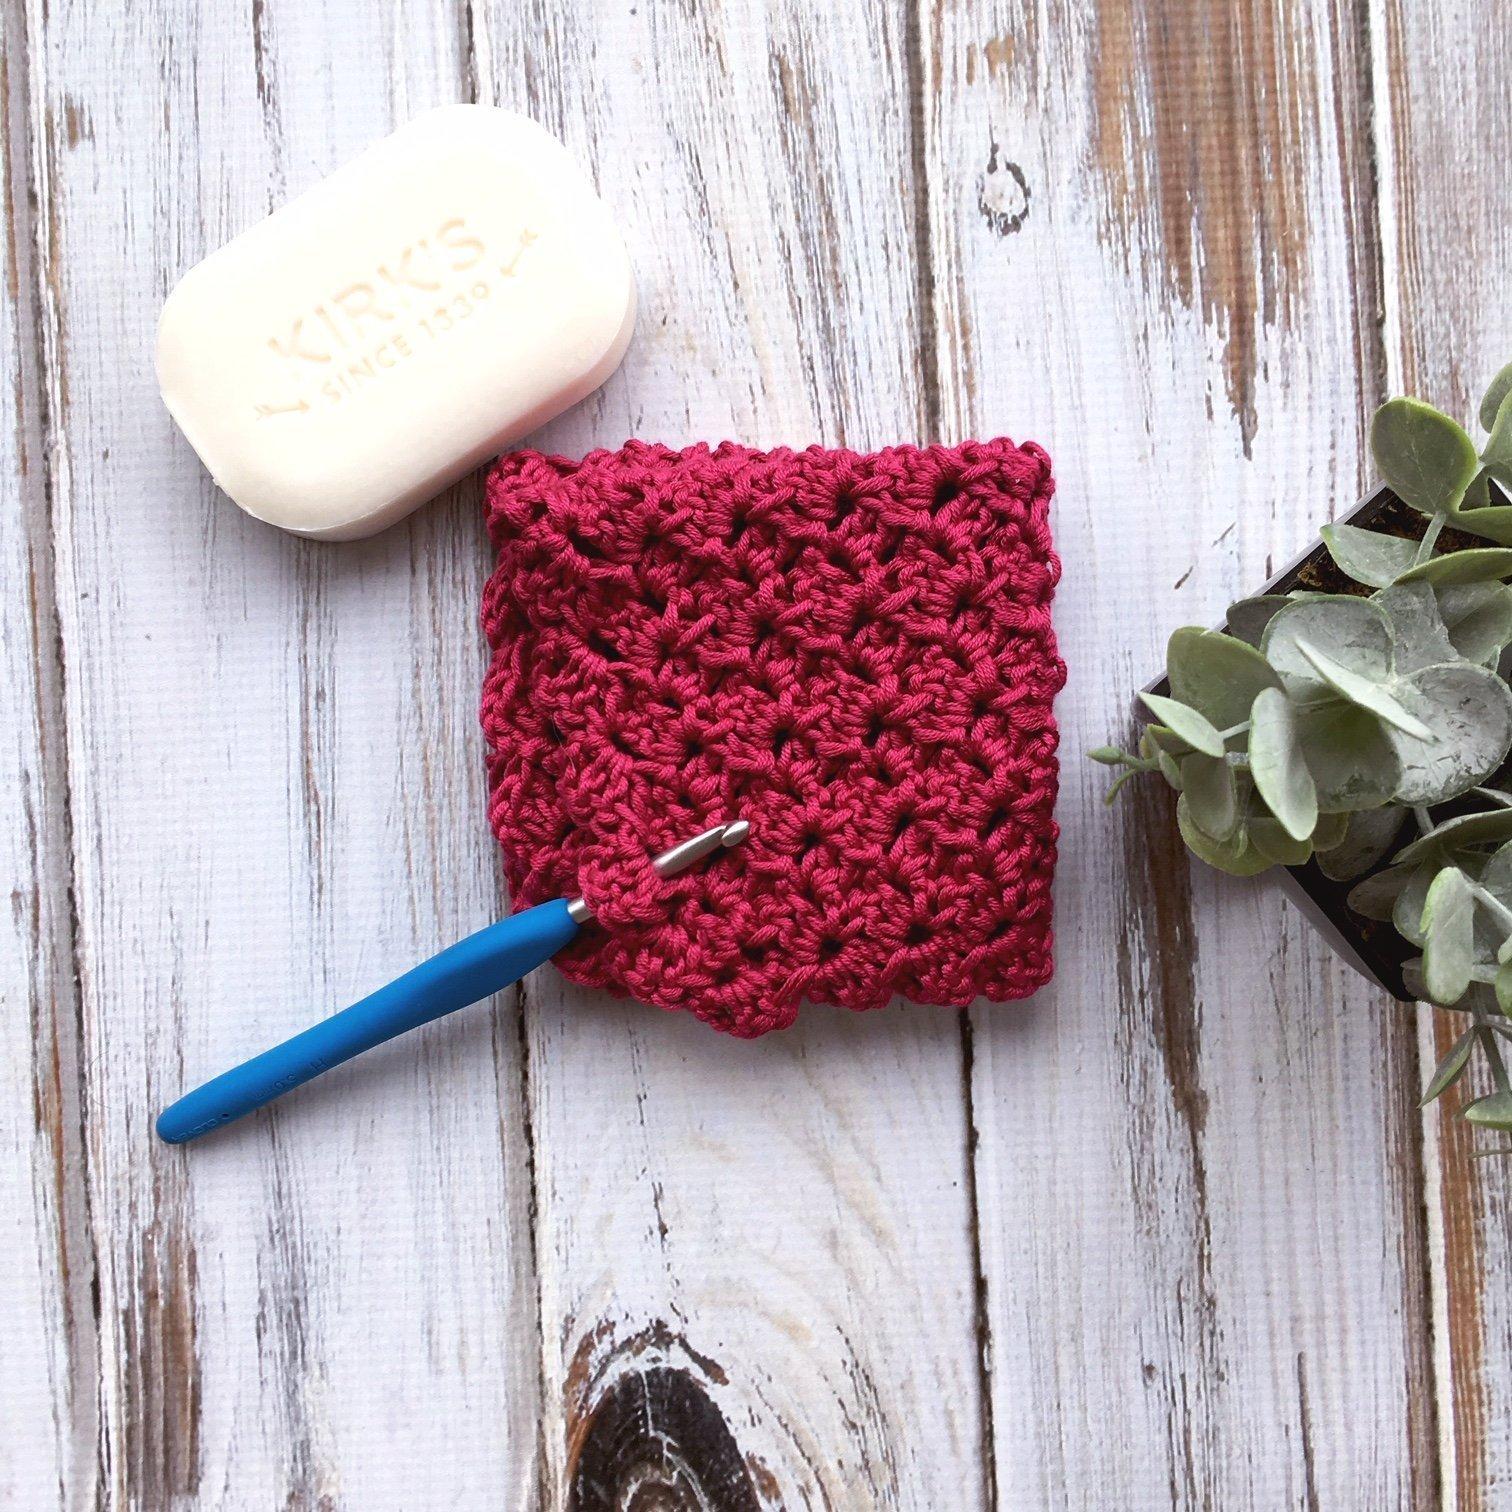 Free Crochet Pattern - Duchess Lace Wash Cloth